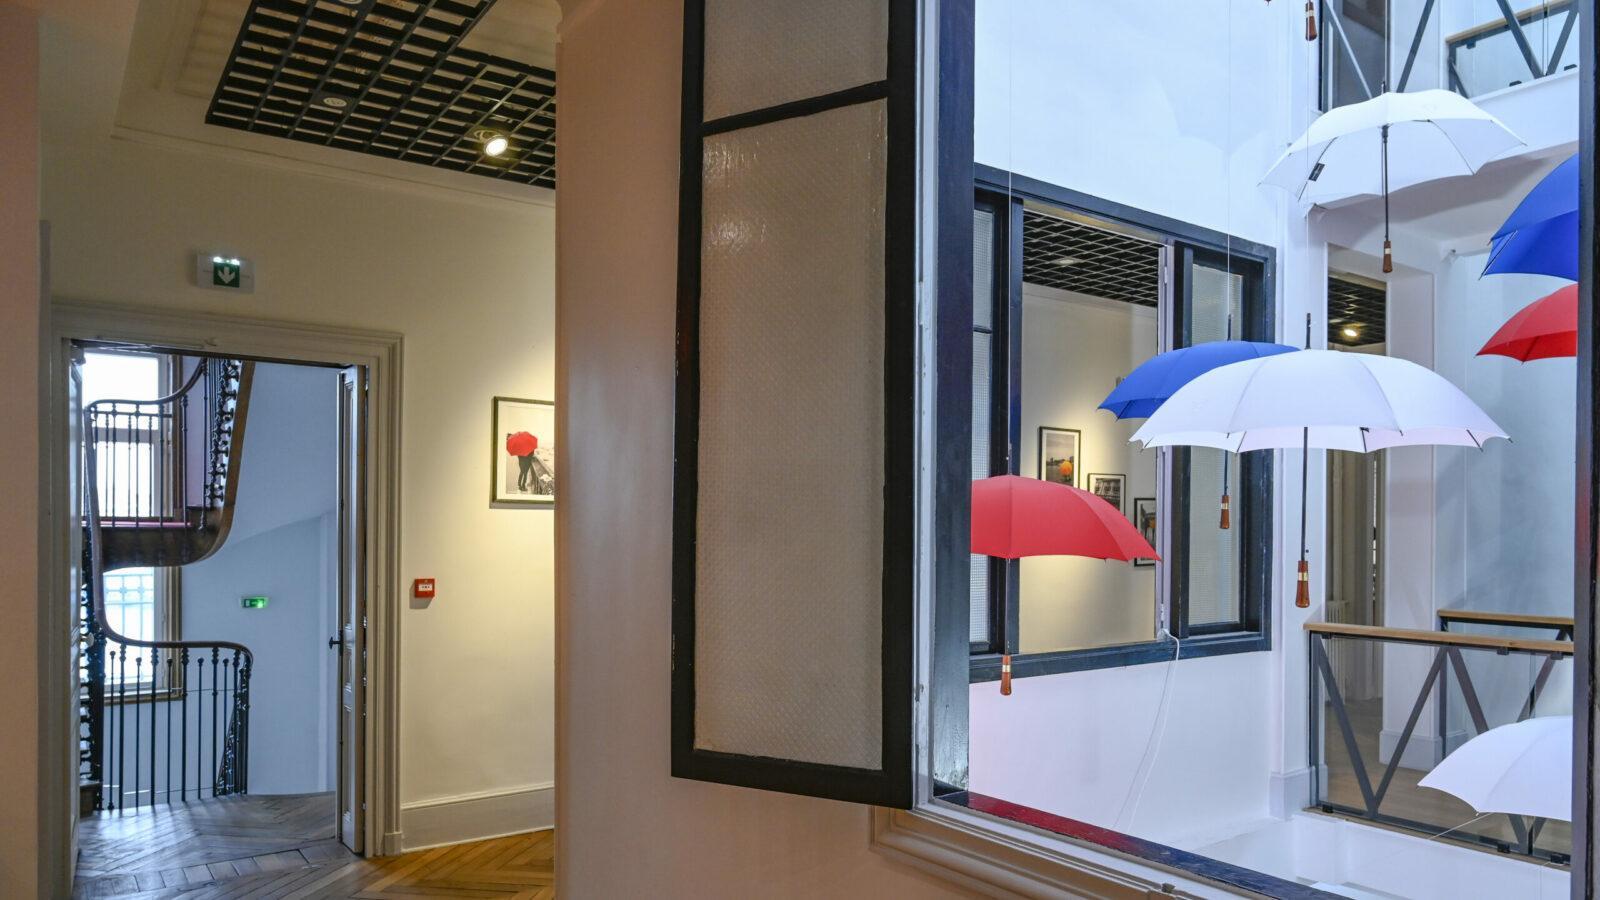 Die Schirme von Cherbourg schmücken die Ausstellung der Manufaktur. Foto: Hilke Maunder